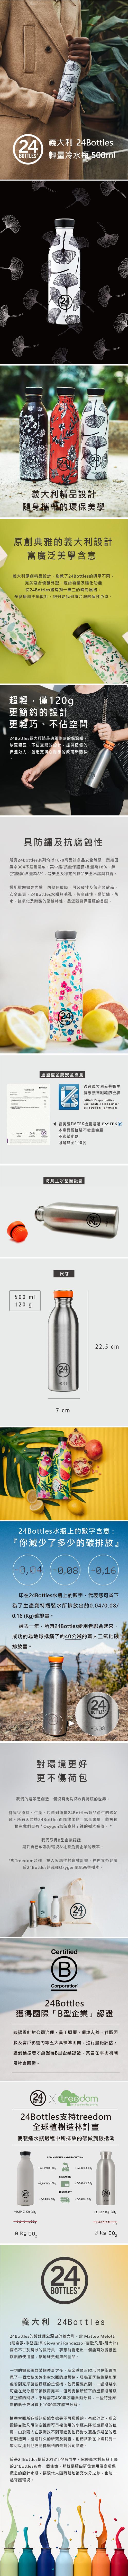 (複製)義大利 24Bottles|輕量冷水瓶 500ml - 黑色電影